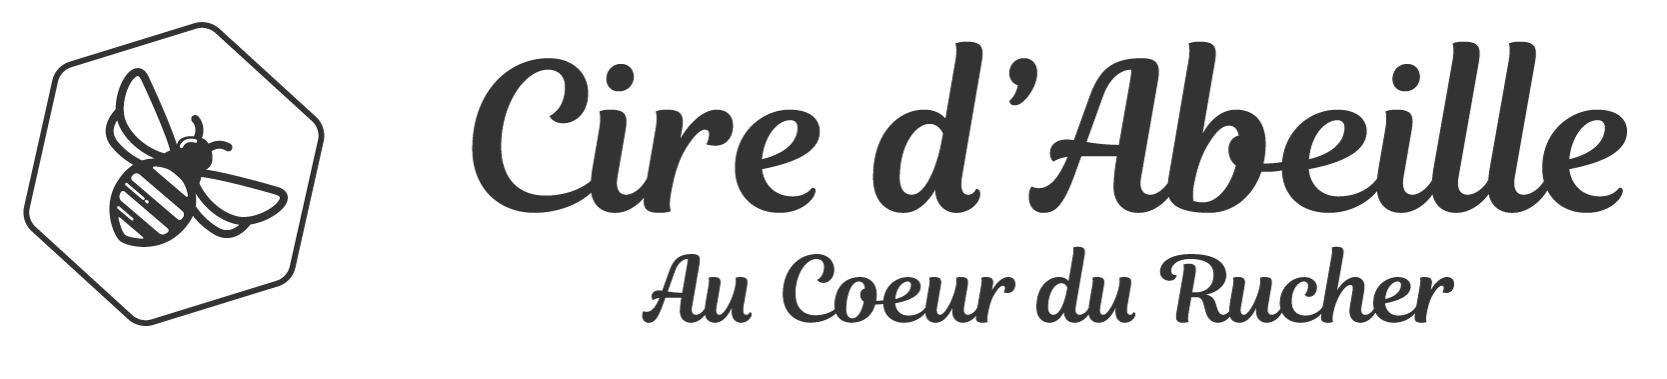 Cire d'Abeille - Bougies naturelles